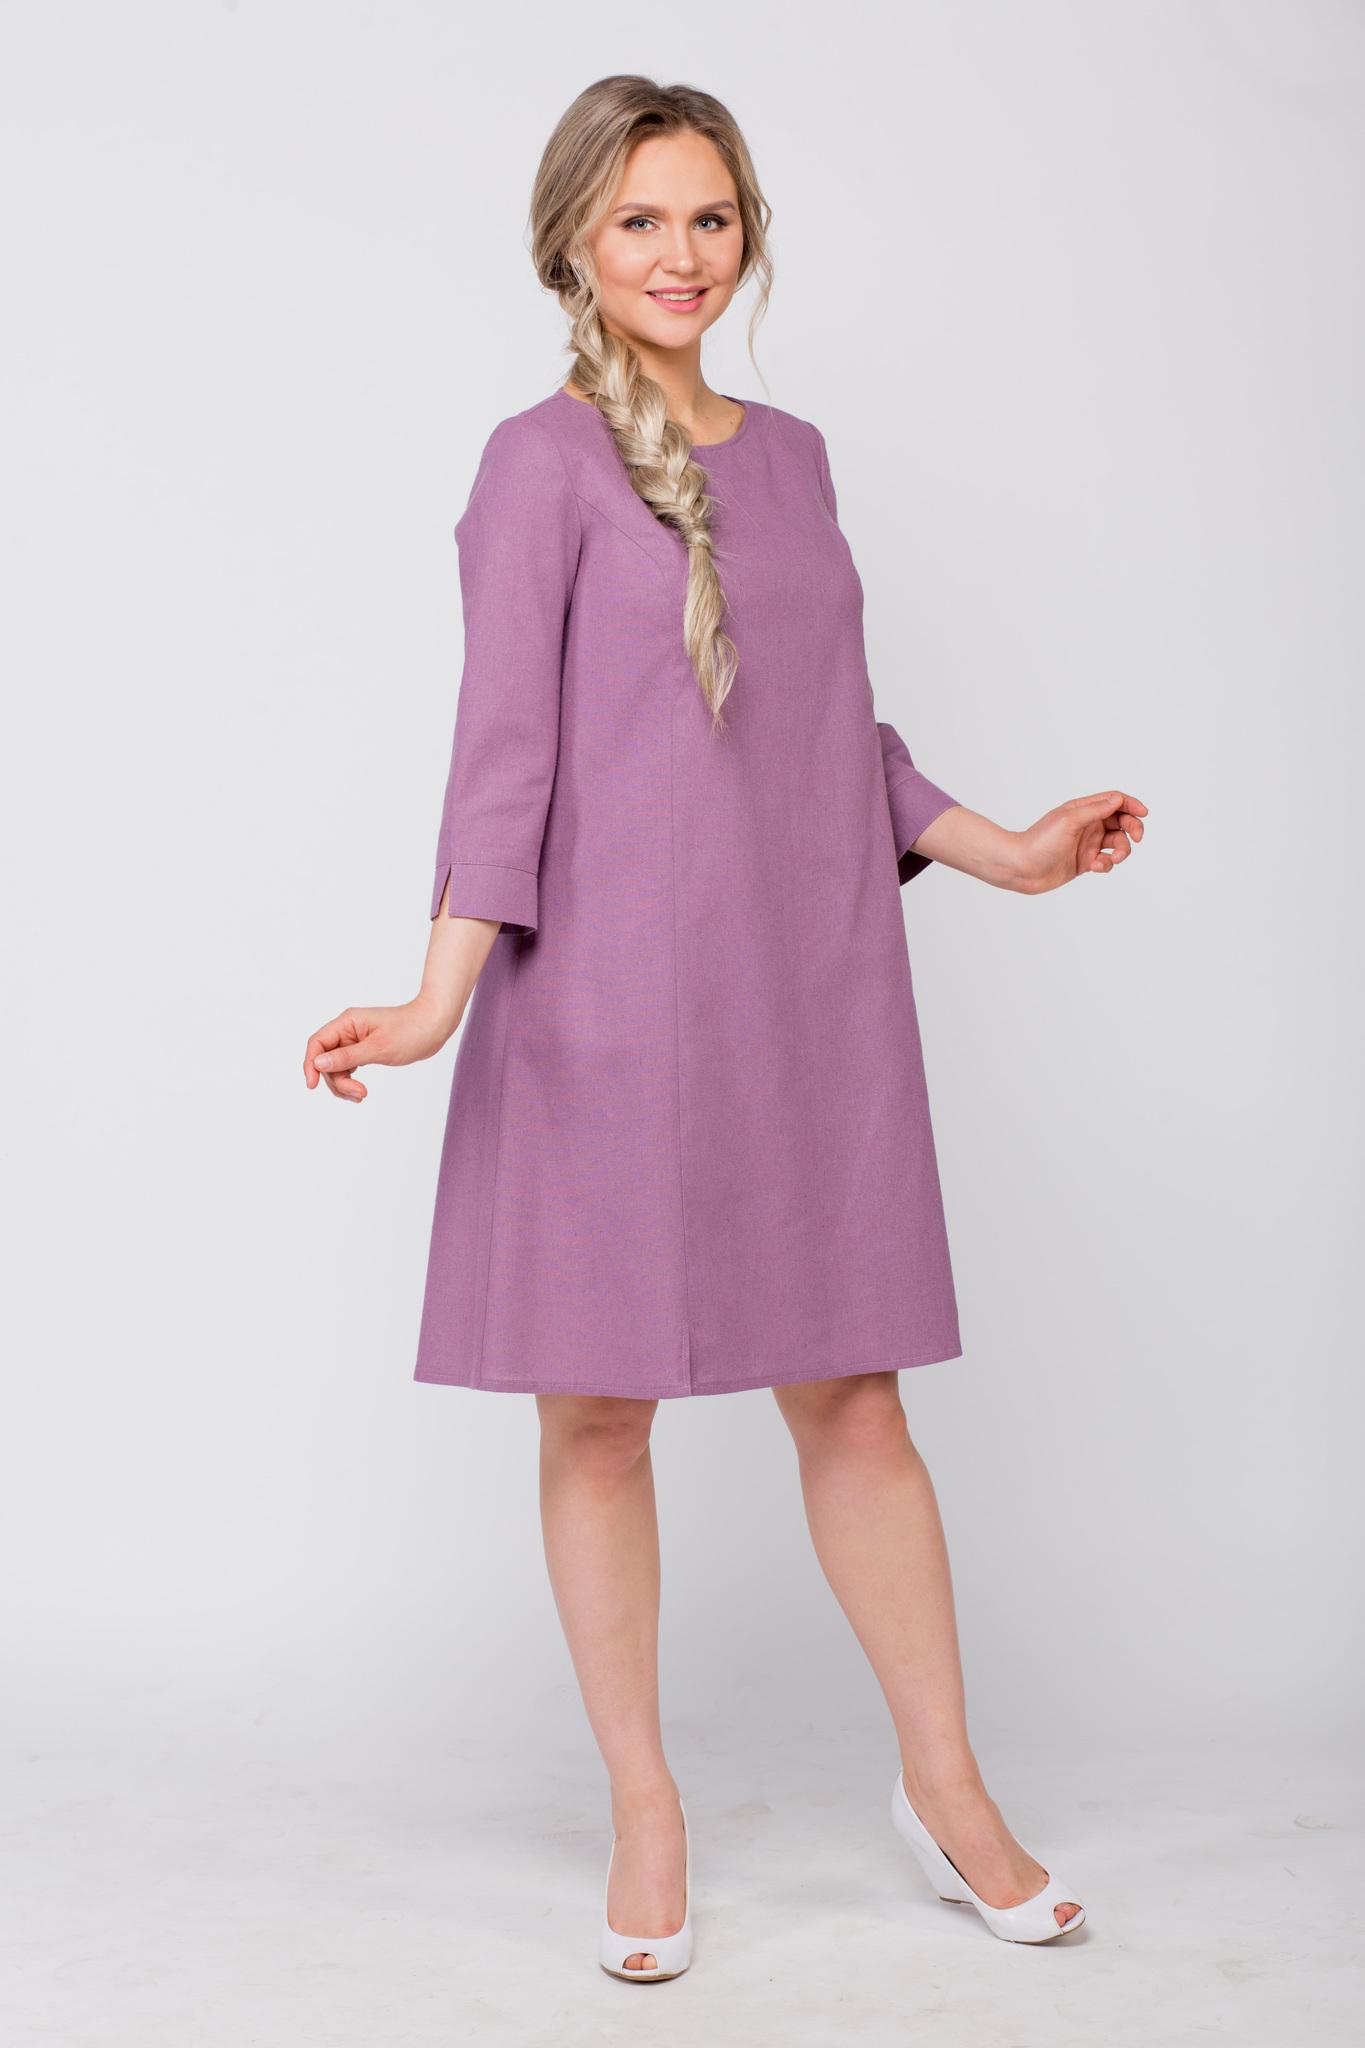 Платье льняное Лаванда купить в интернет-магазине